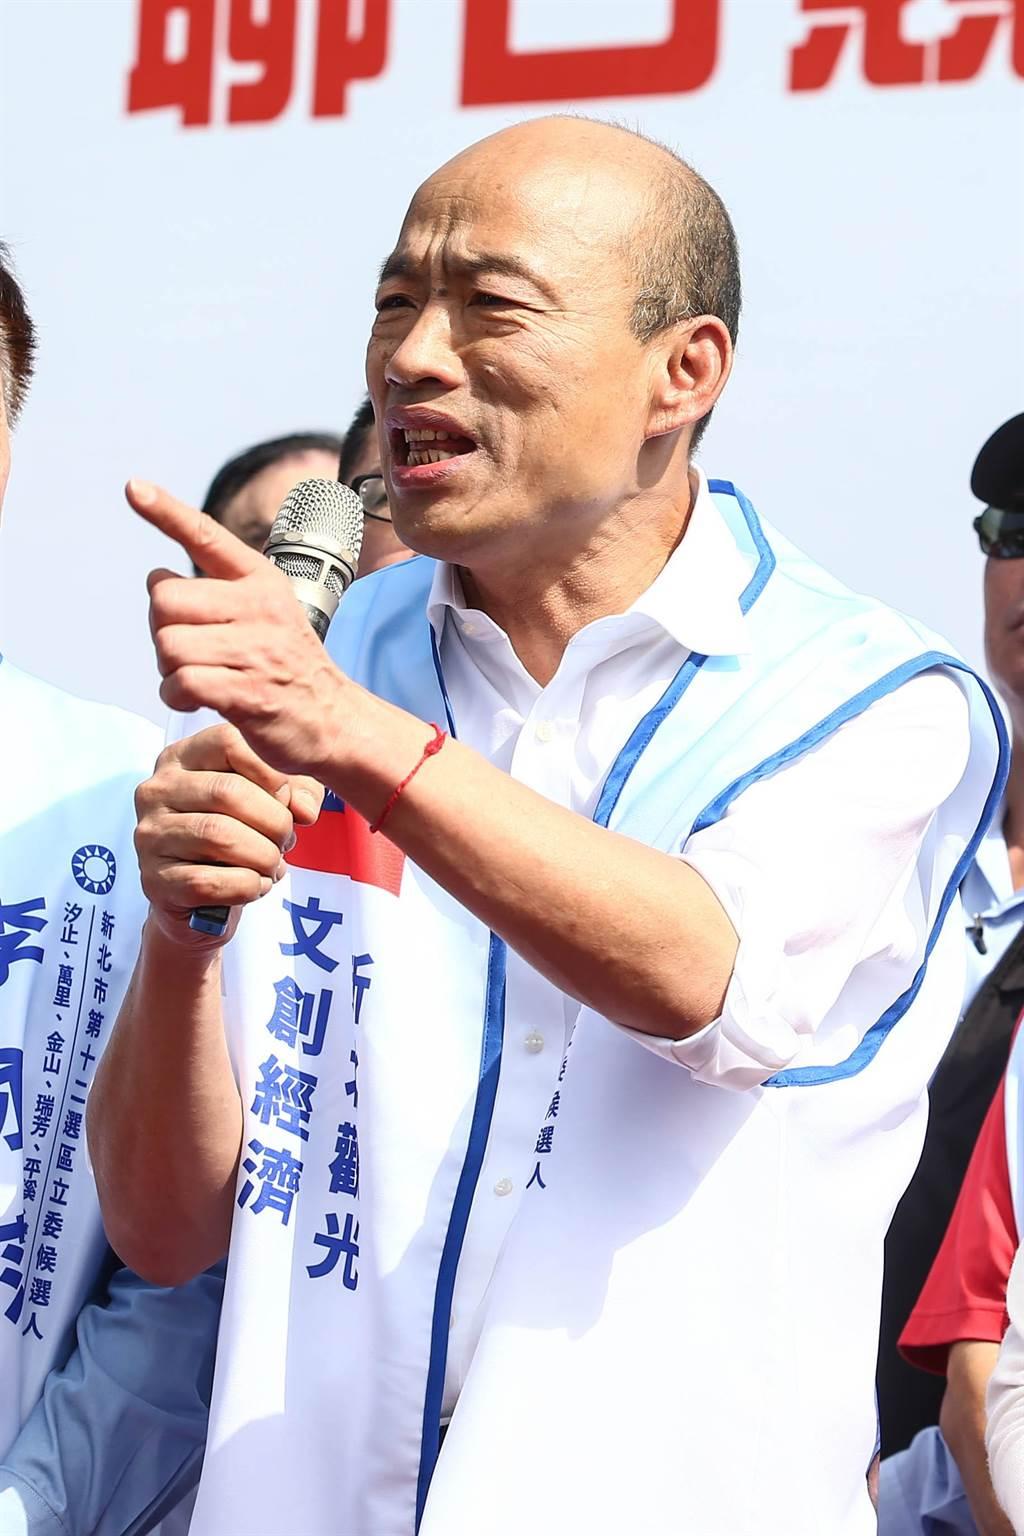 國民黨總統參選人韓國瑜17日「傾聽之旅」到瑞芳出席黨籍立委參選人聯合競總成立。(鄧博仁攝)